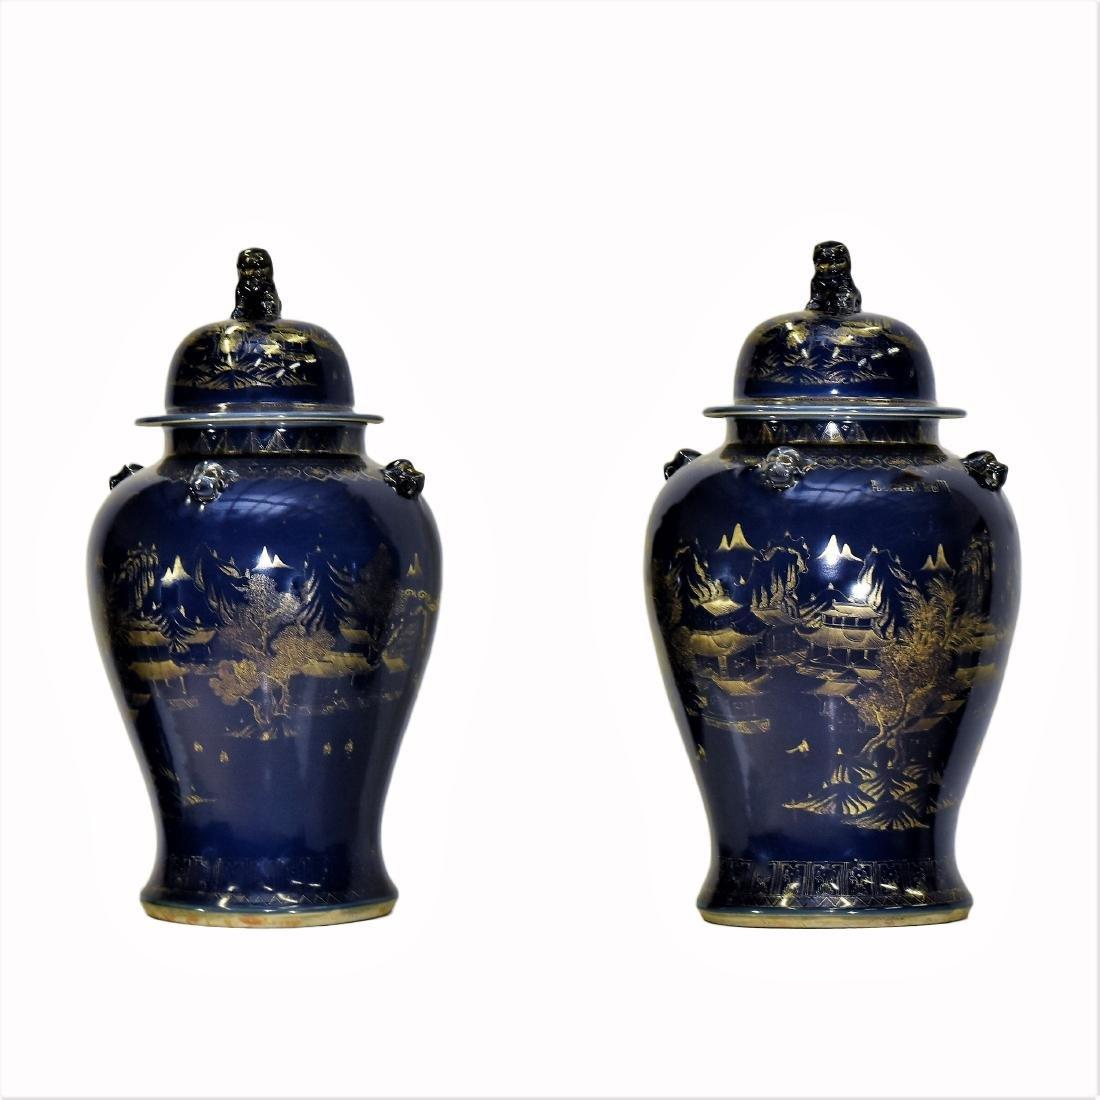 PAIR OF LARGE GILT OVERGLAZED BLUE TEMPLE JARS